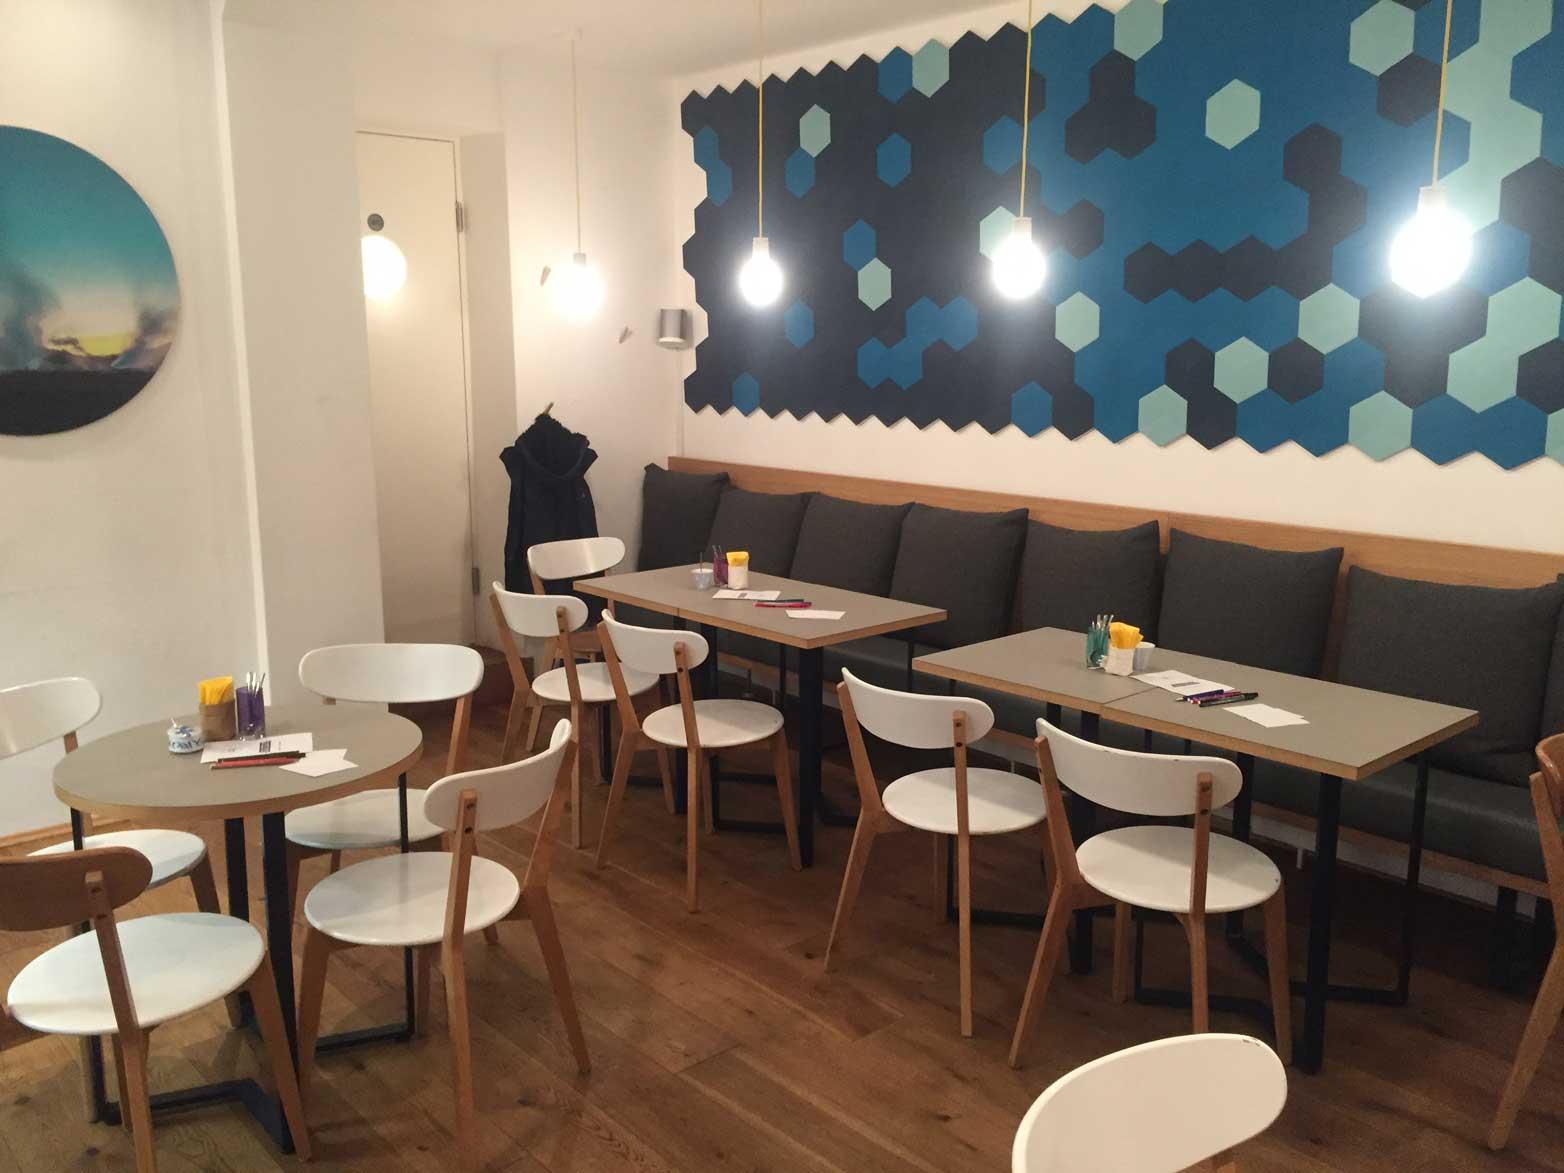 cafe-bla-friends-stammtisch-munichmountaingirls-16-01-2018